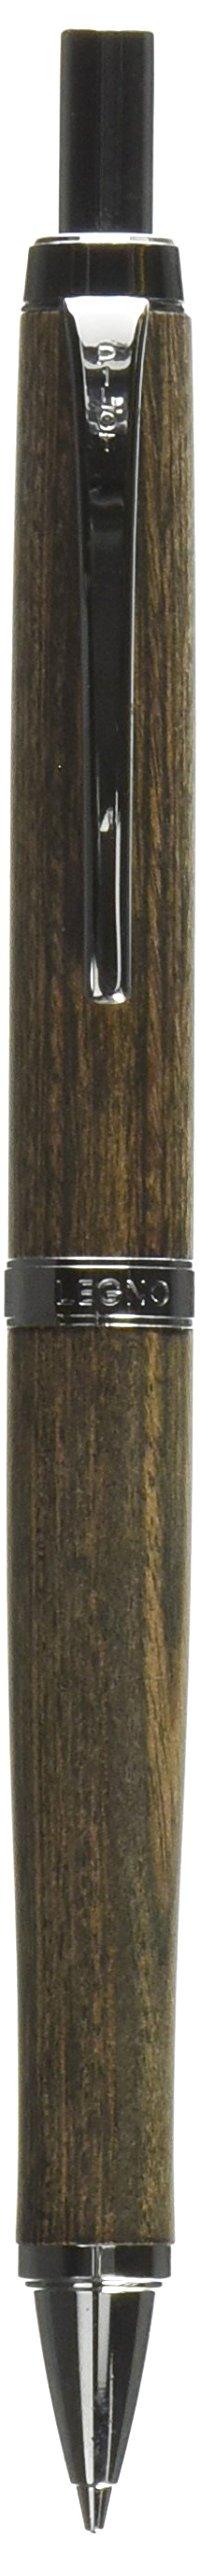 Pilot Legno - Portaminas de plomo de 0,5 mm, color marrón...